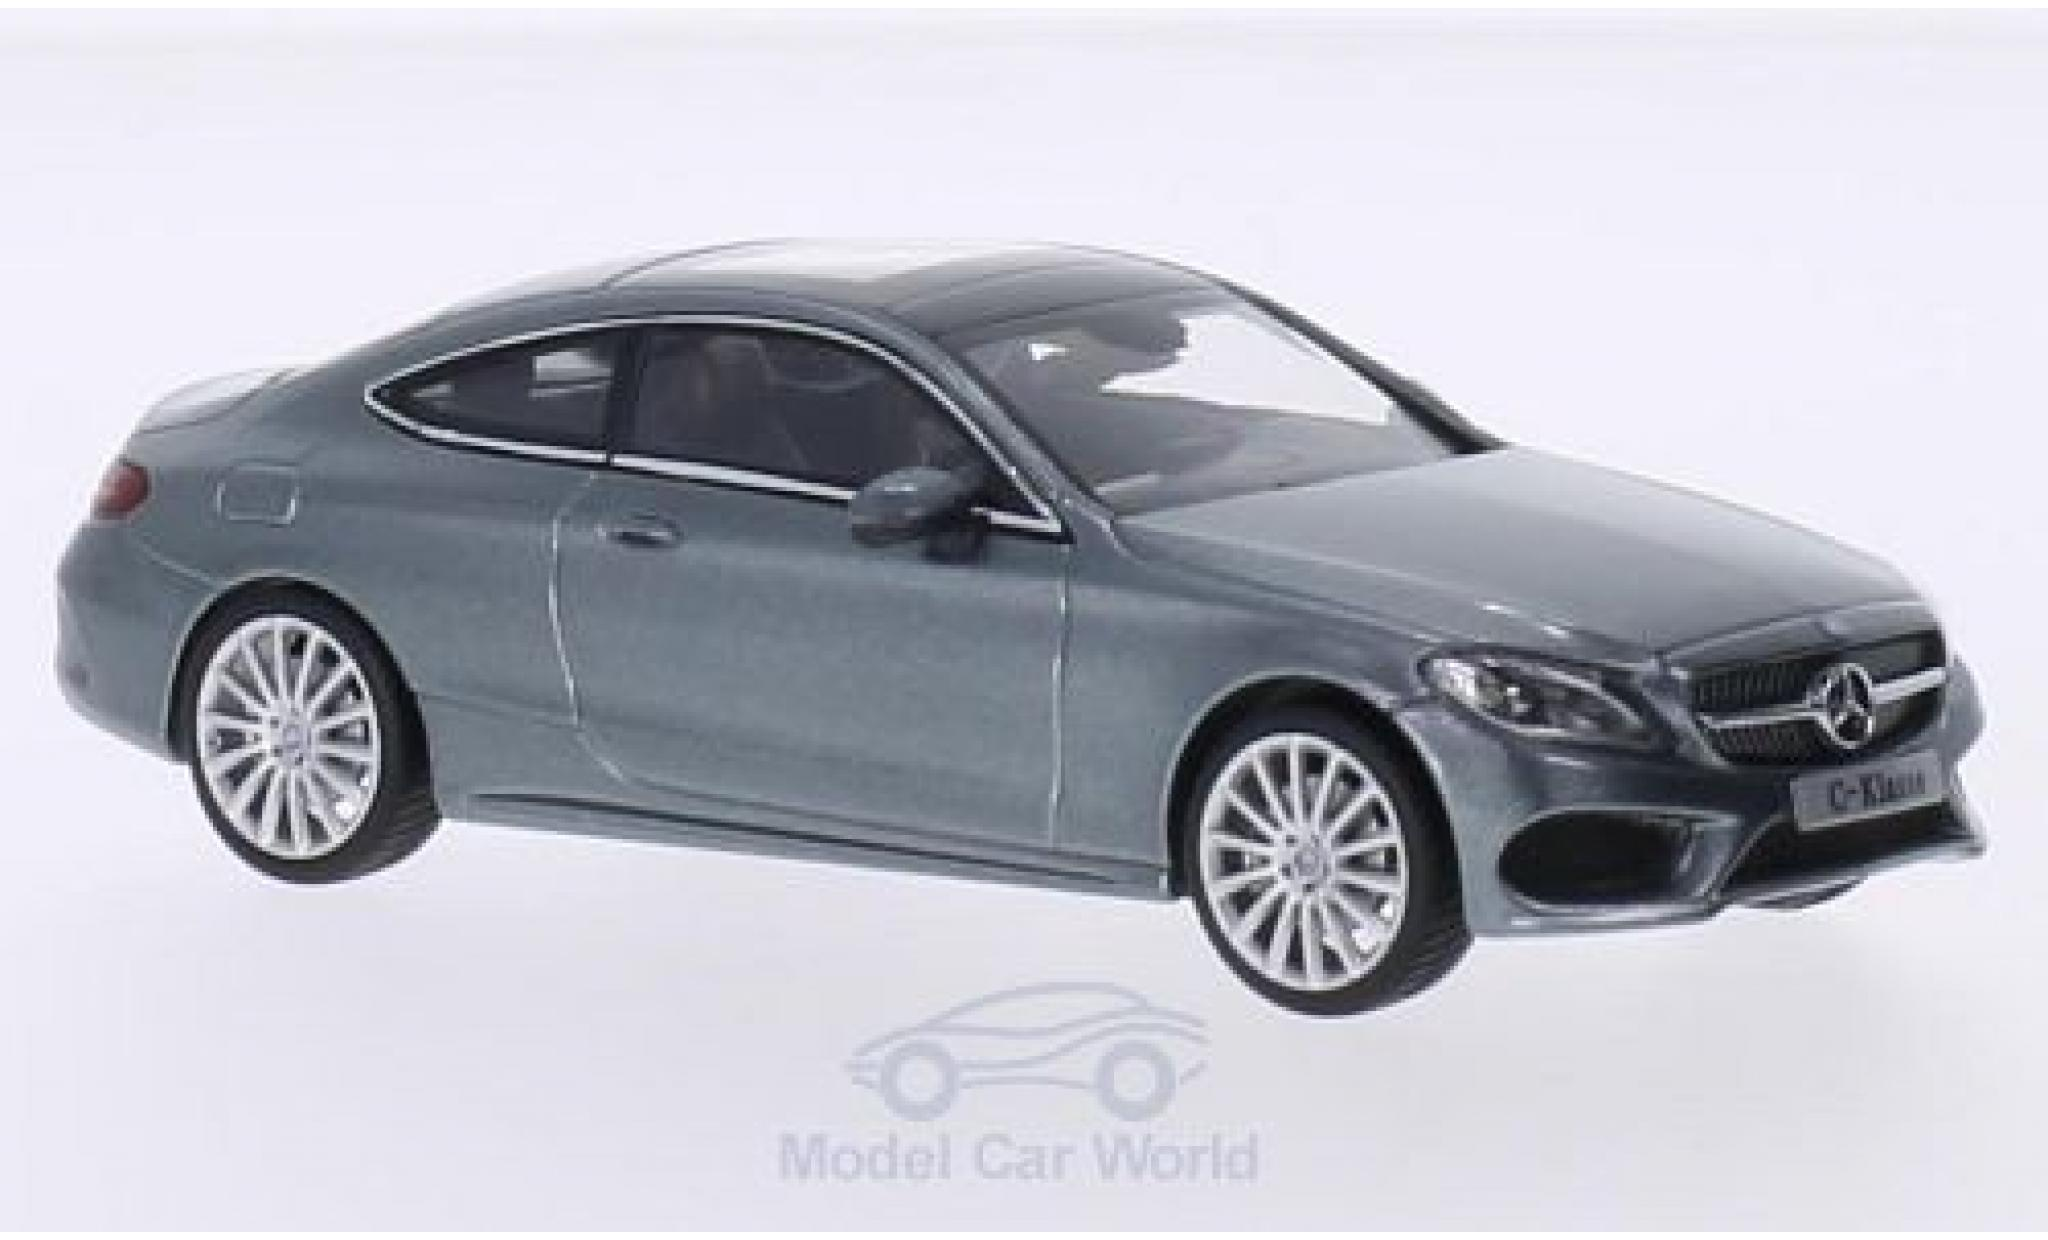 Mercedes Classe C 1/43 iScale Coupe métallisé grise